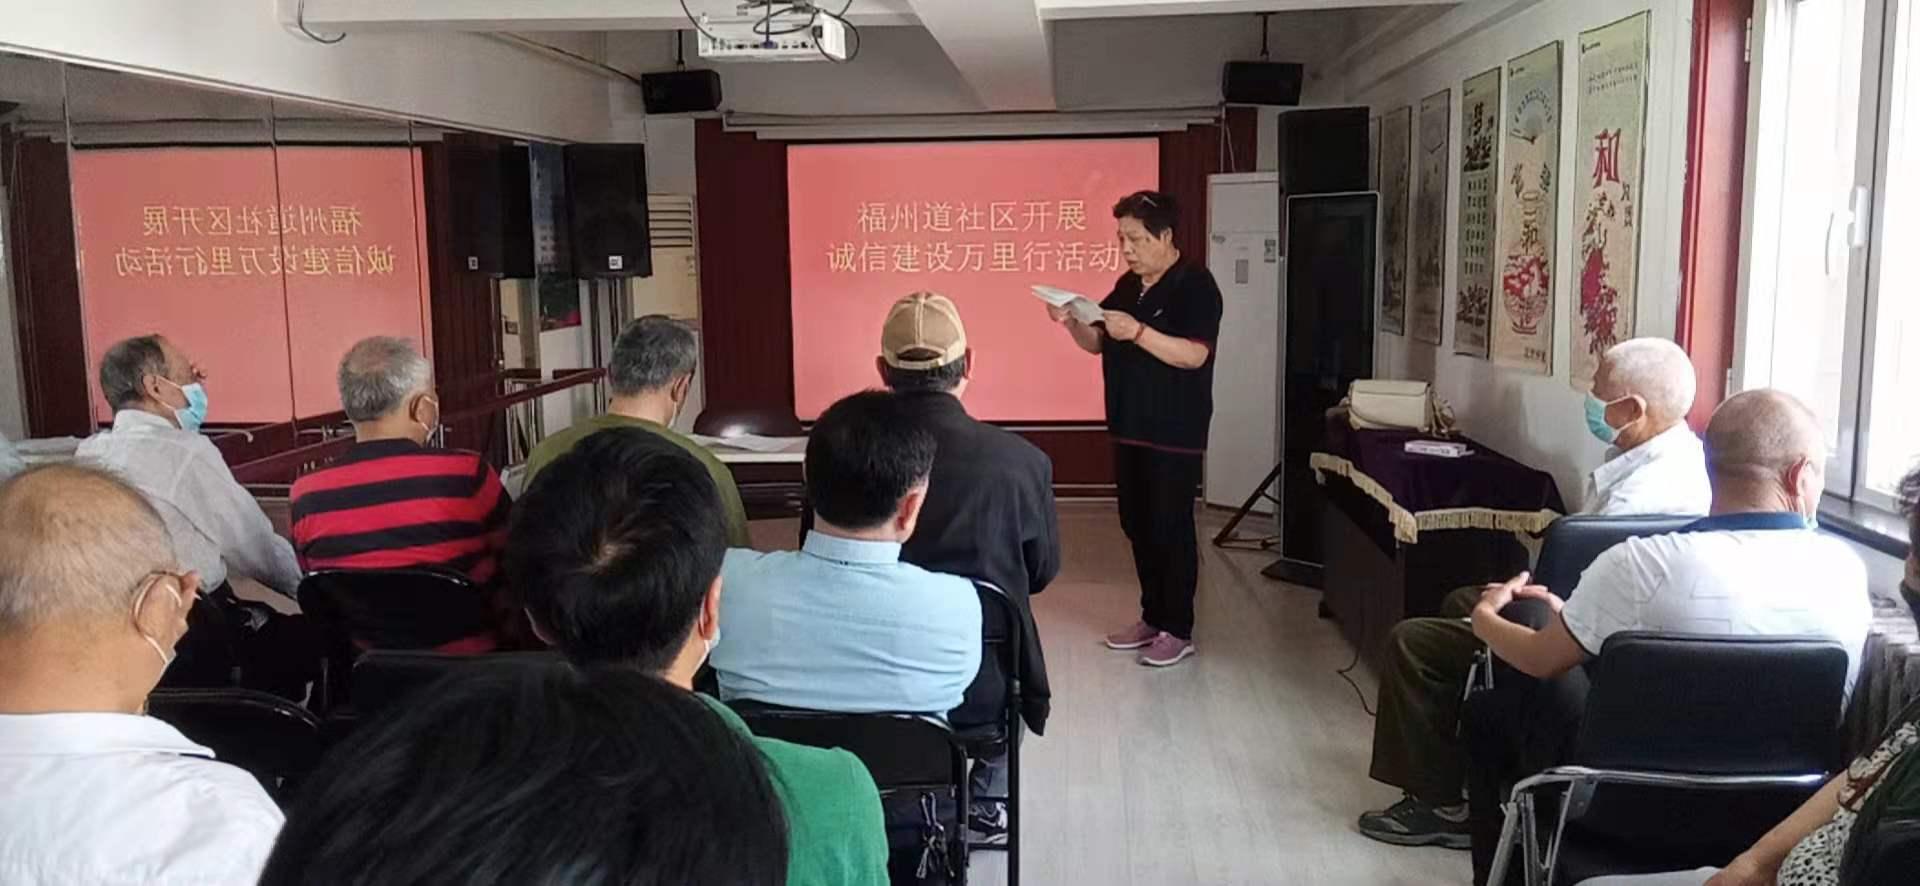 【诚信宣传活动】:天津滨海新区杭州道街道福州道社区开展诚信建设宣传活动